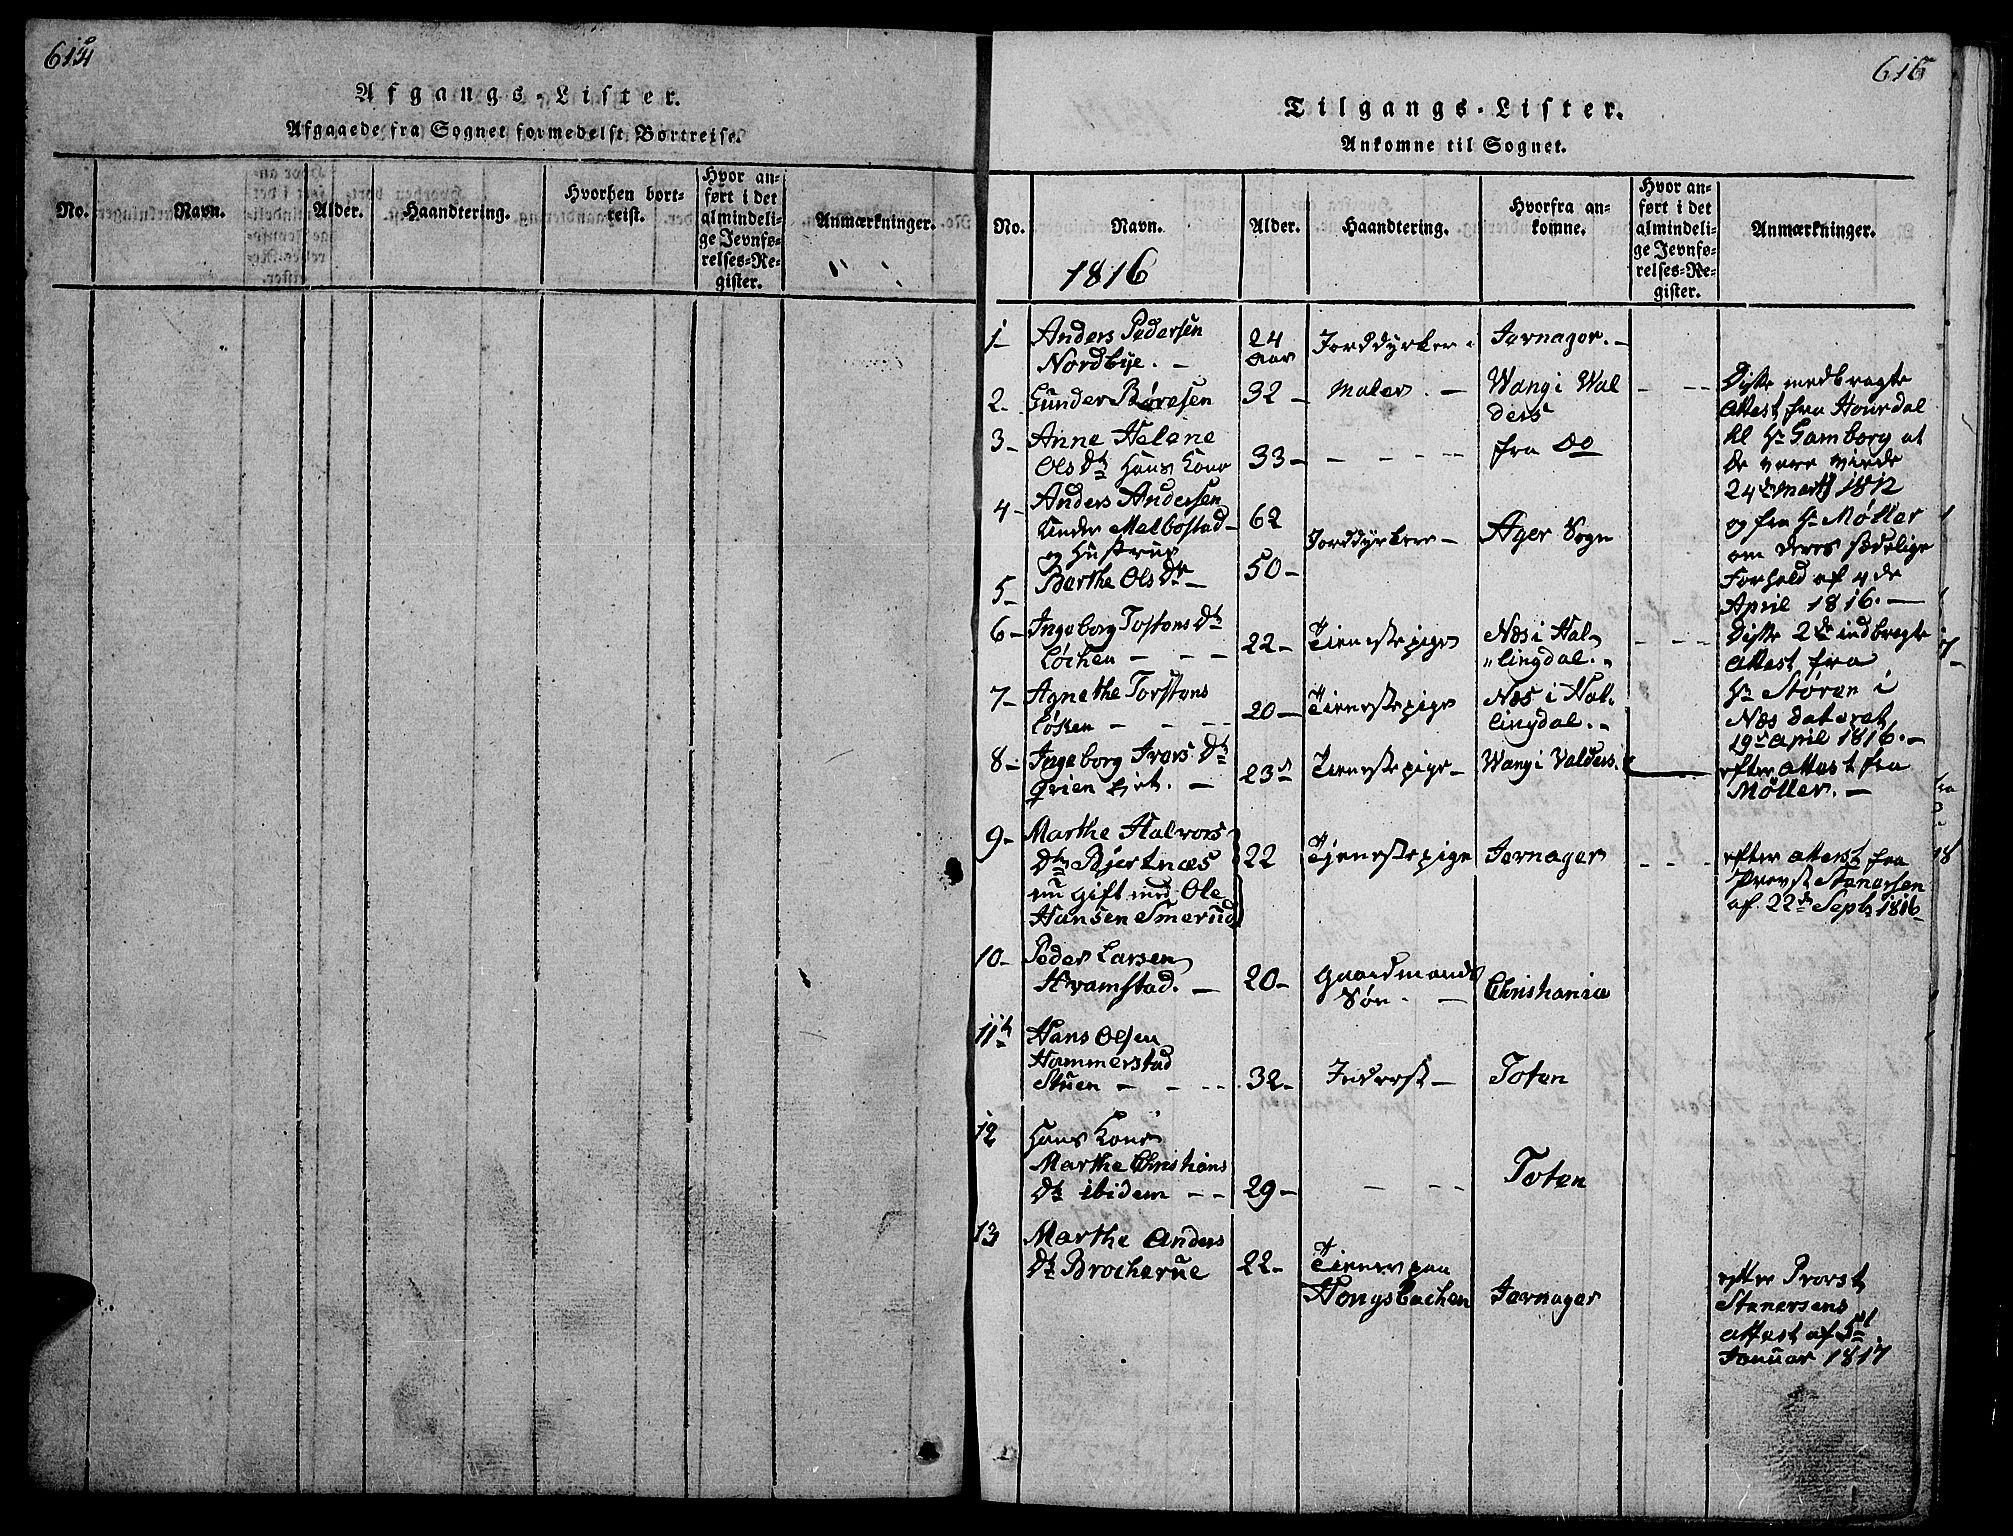 SAH, Gran prestekontor, Klokkerbok nr. 1, 1815-1824, s. 614-615